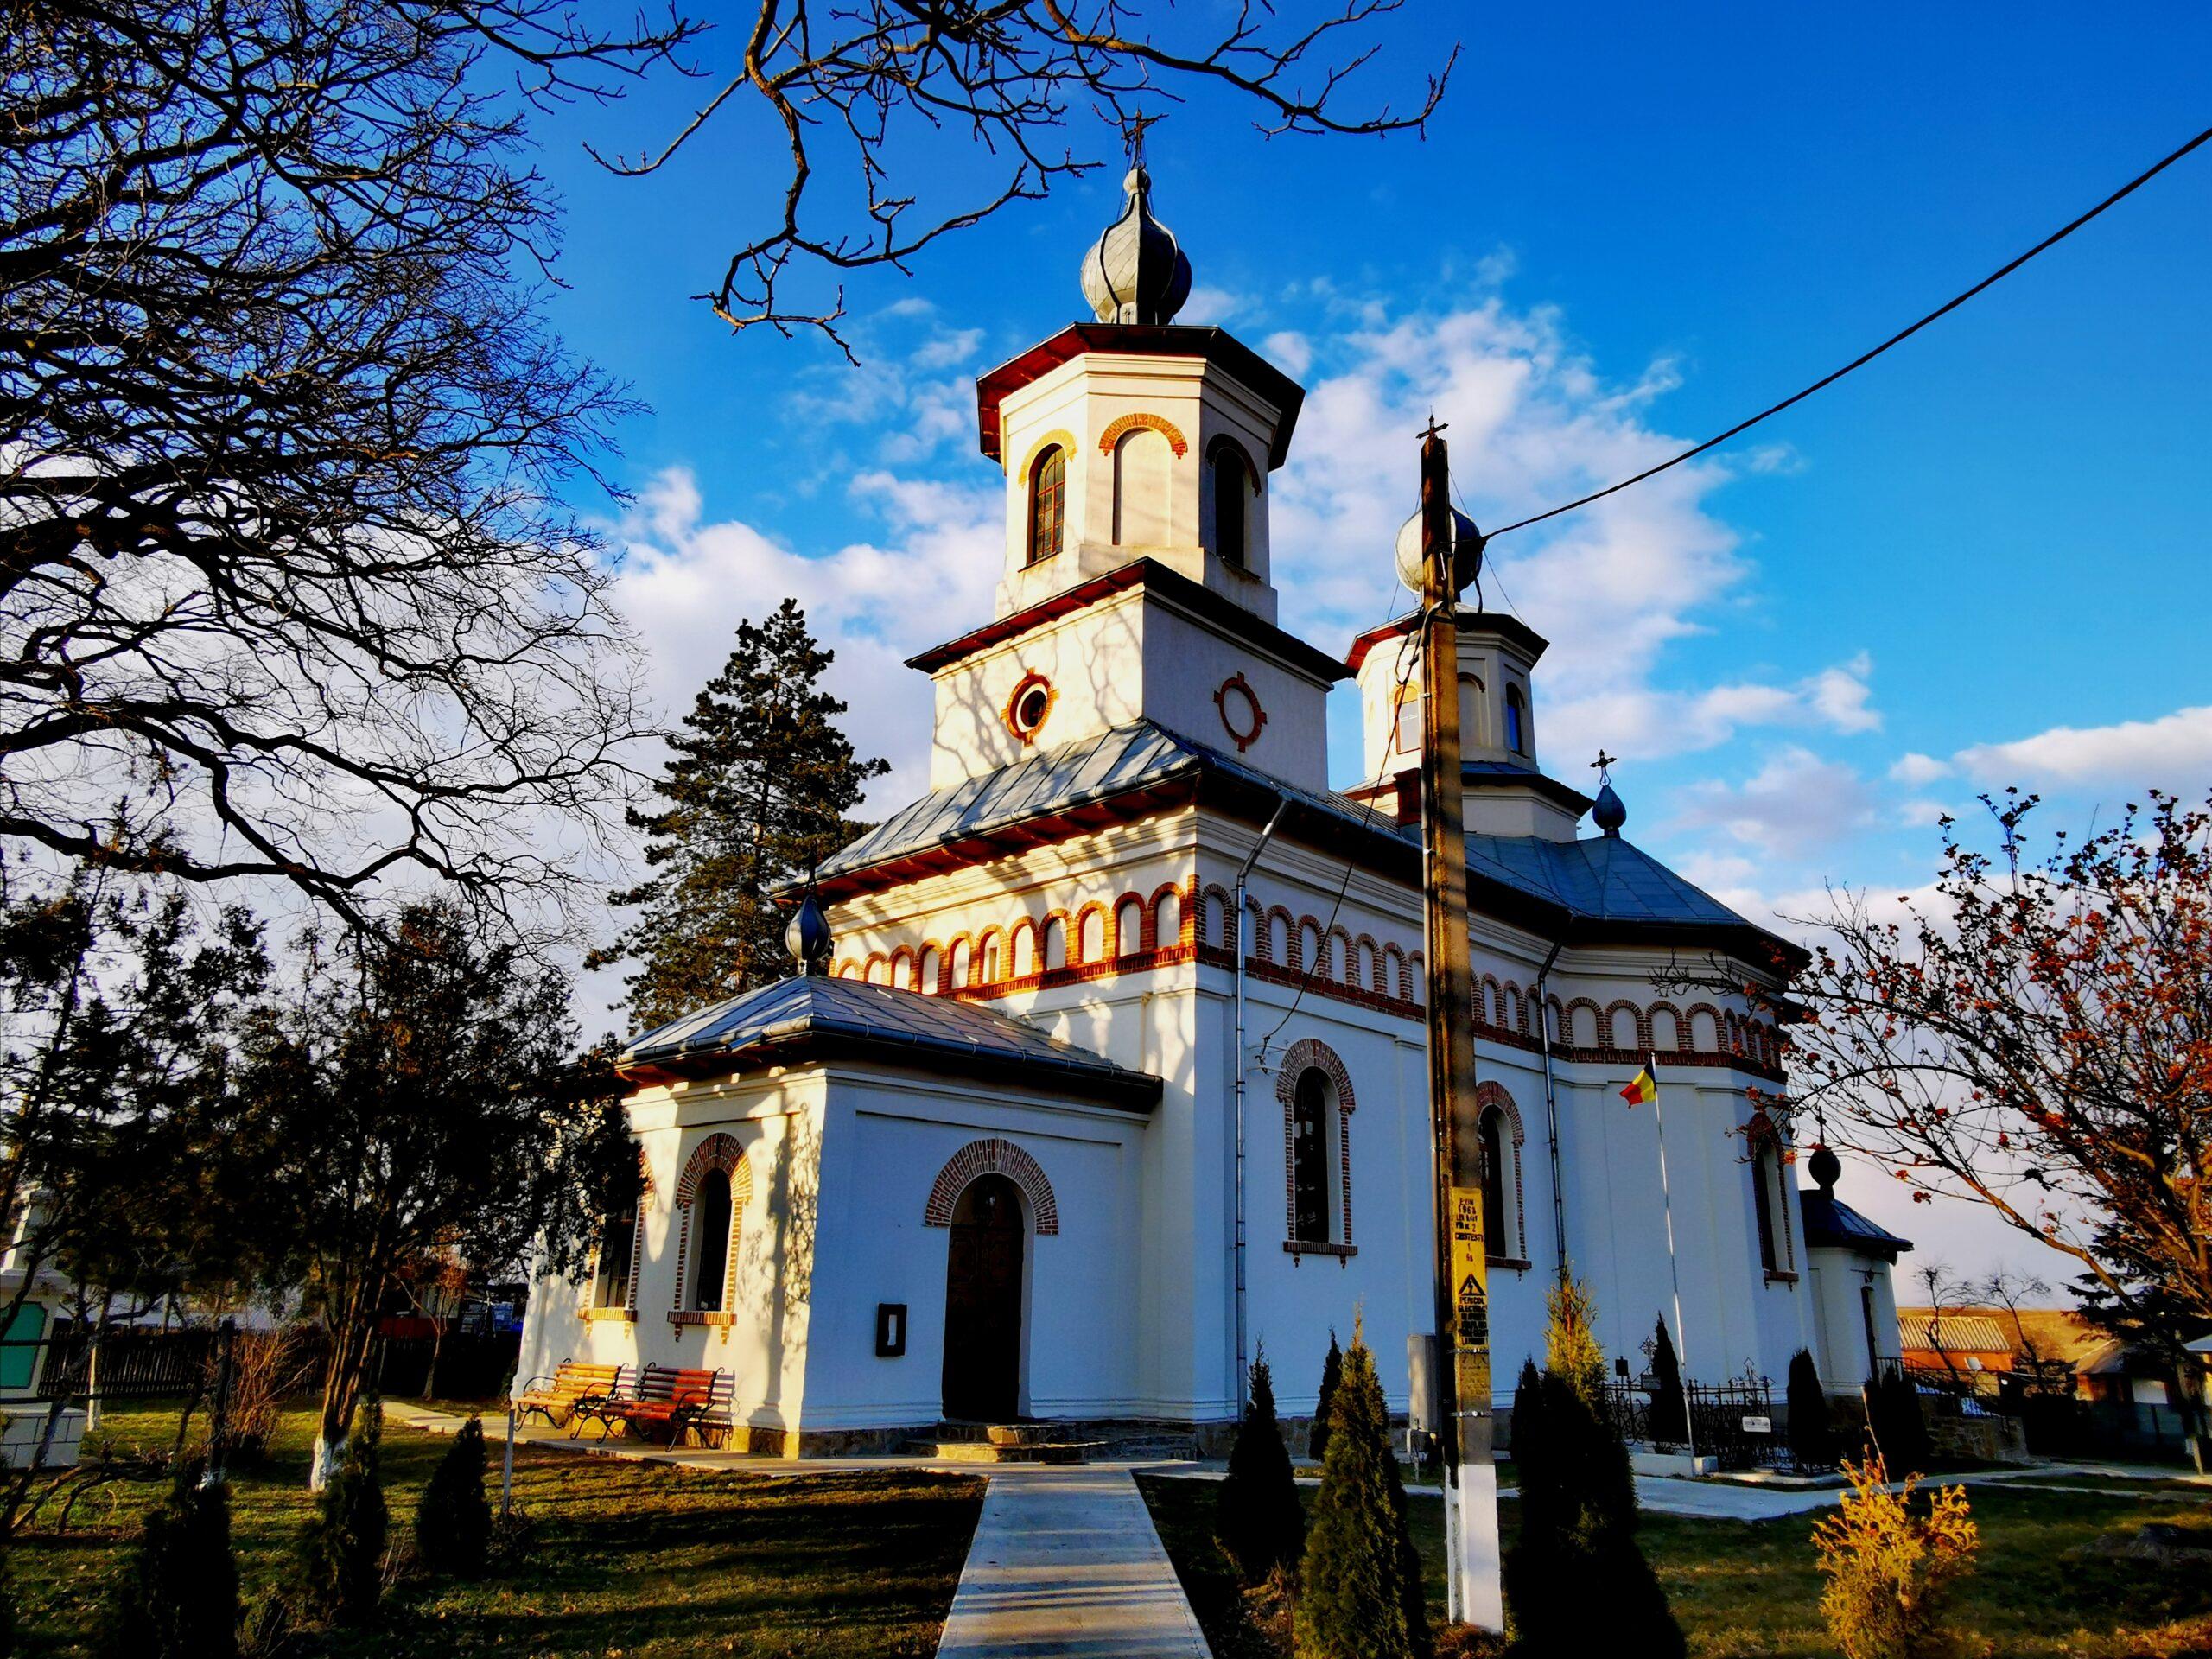 Biserica Sfantul Ilie - Cristesti (Foto: Ionut Tăbultoc)